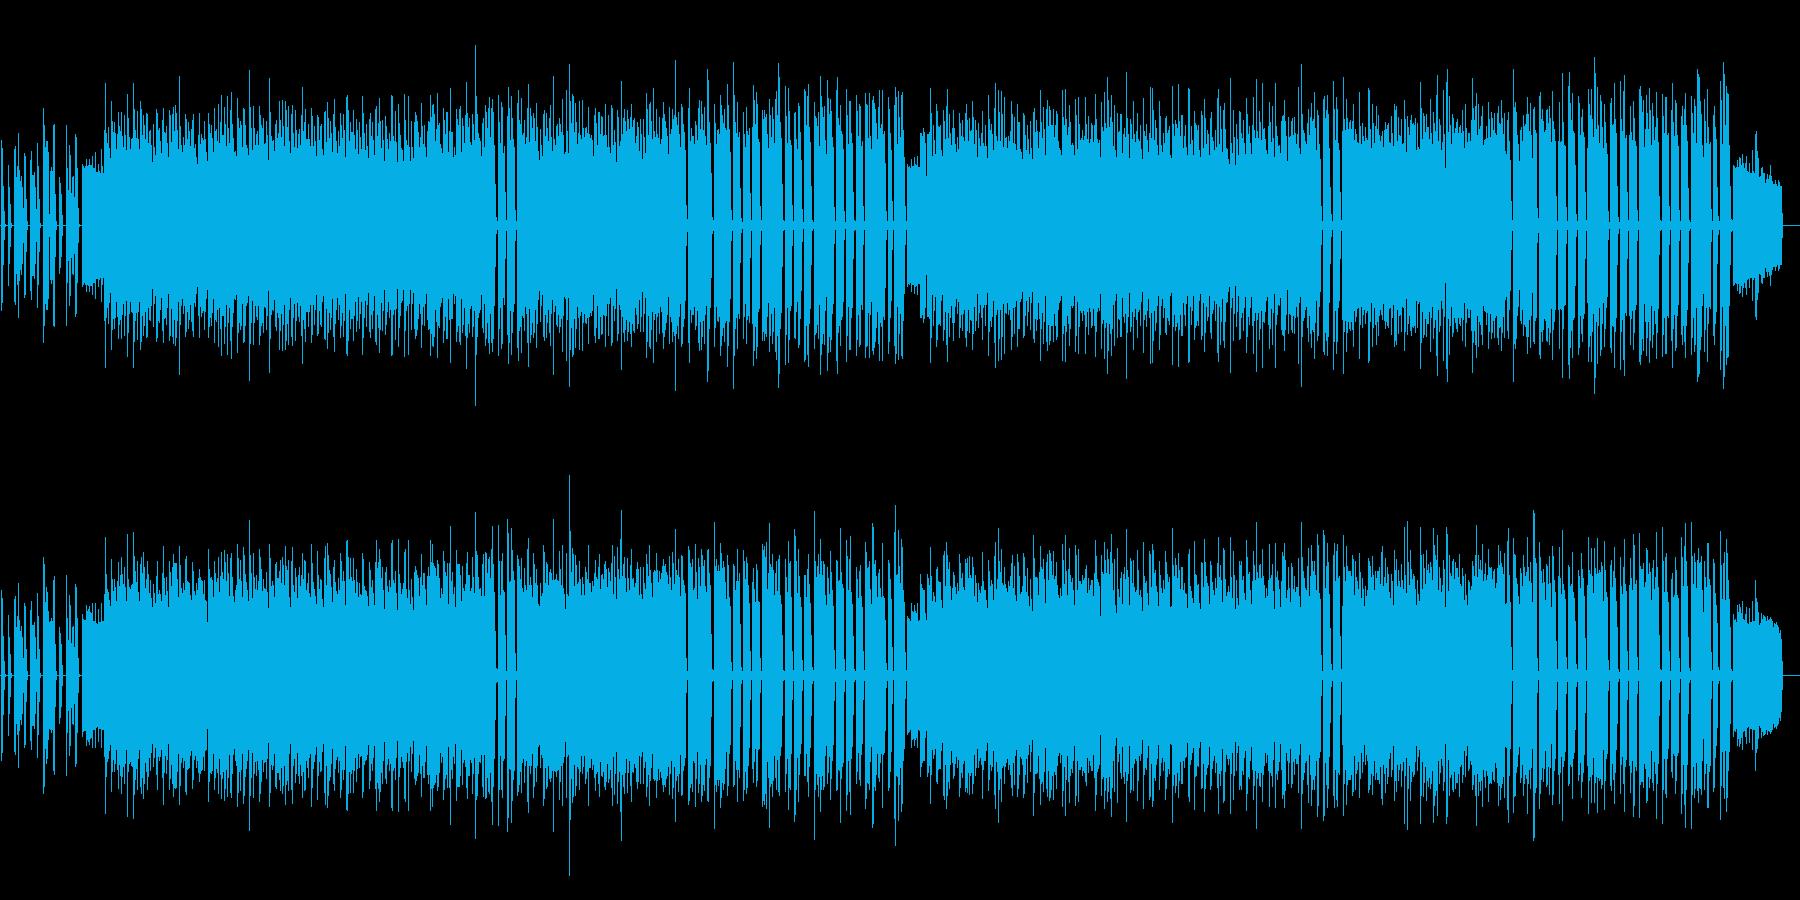 8bit NES style nostalgic music's reproduced waveform